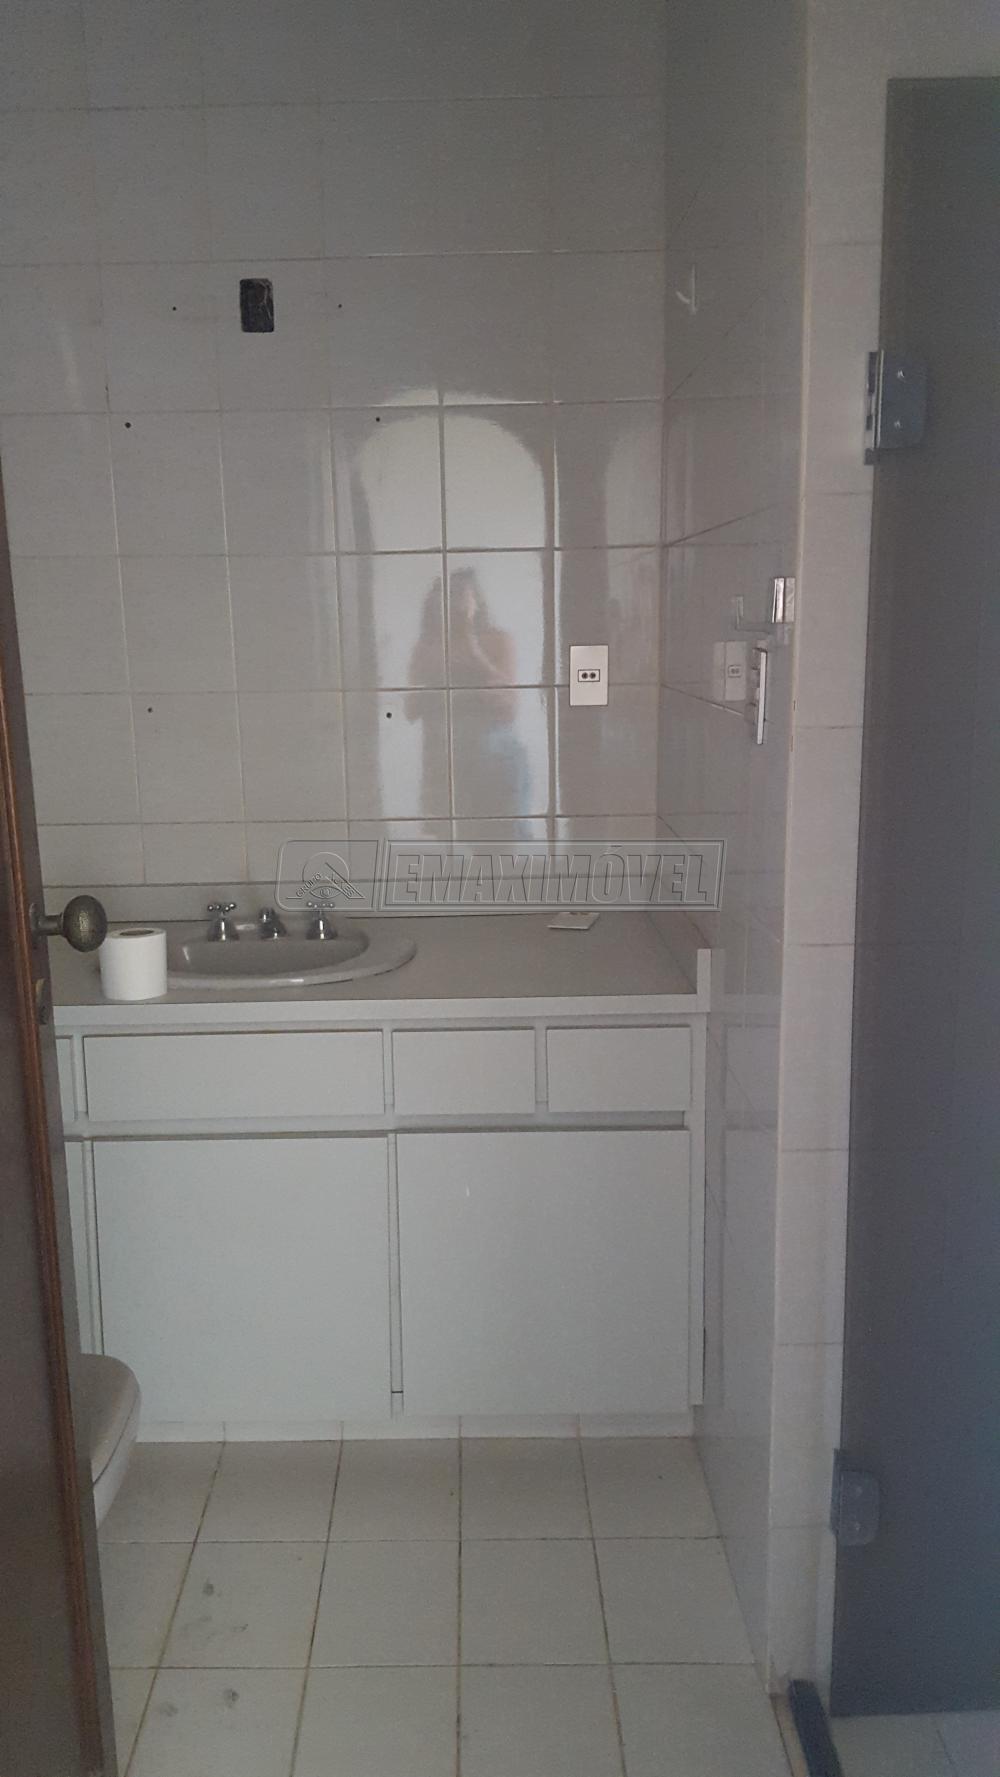 Alugar Apartamentos / Apto Padrão em Sorocaba apenas R$ 2.500,00 - Foto 25